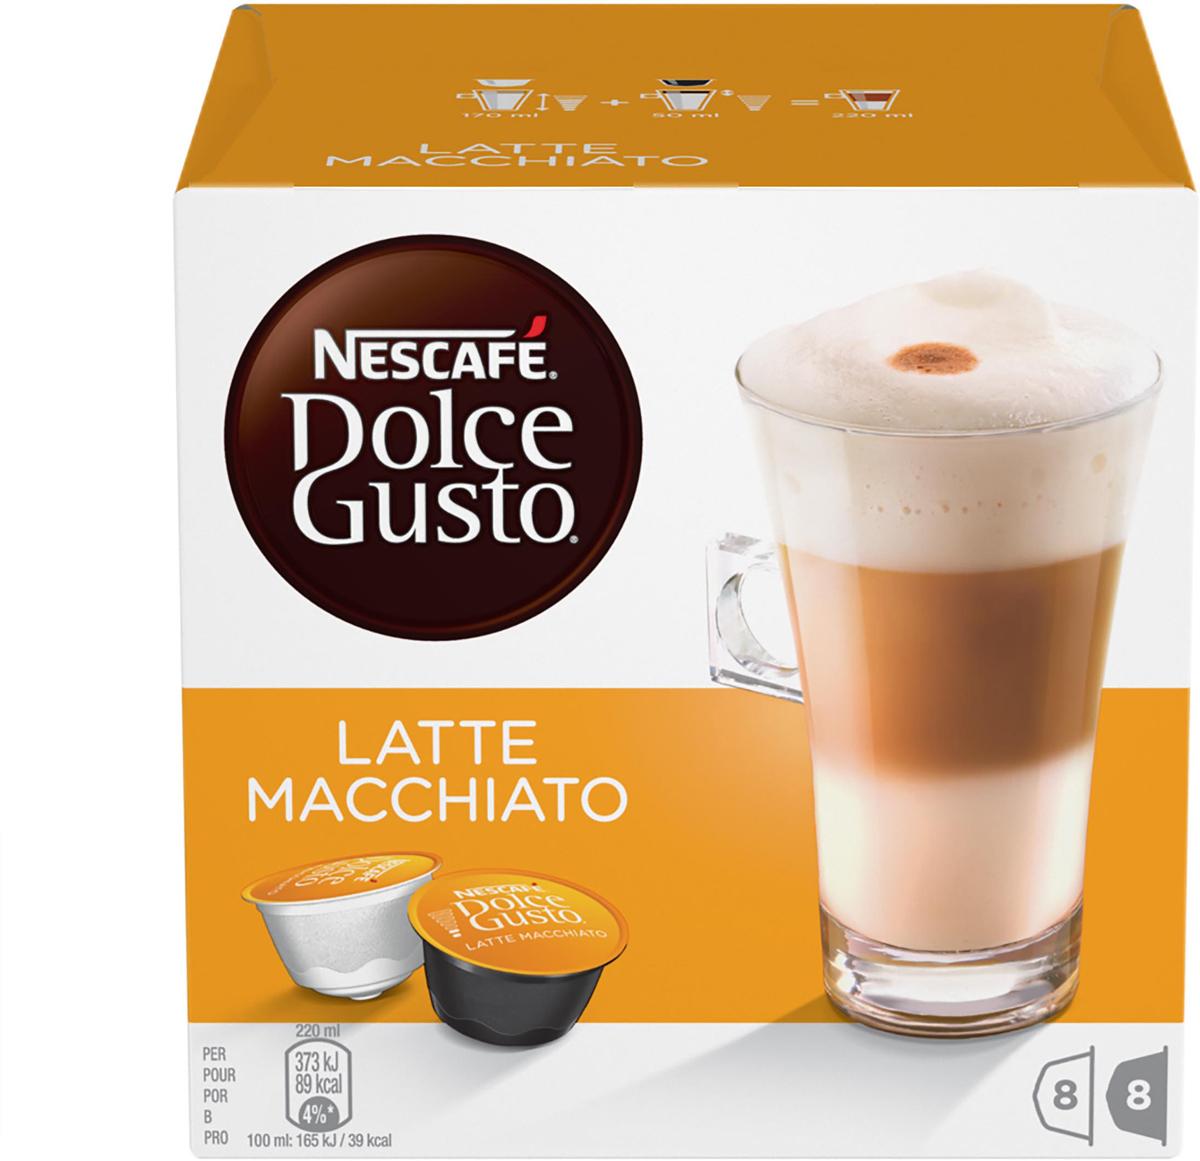 Nescafe Dolce Gusto Latte Macchiato кофе в капсулах, 16 шт nescafe dolce gusto cortado эспрессо с молоком кофе в капсулах 16 шт